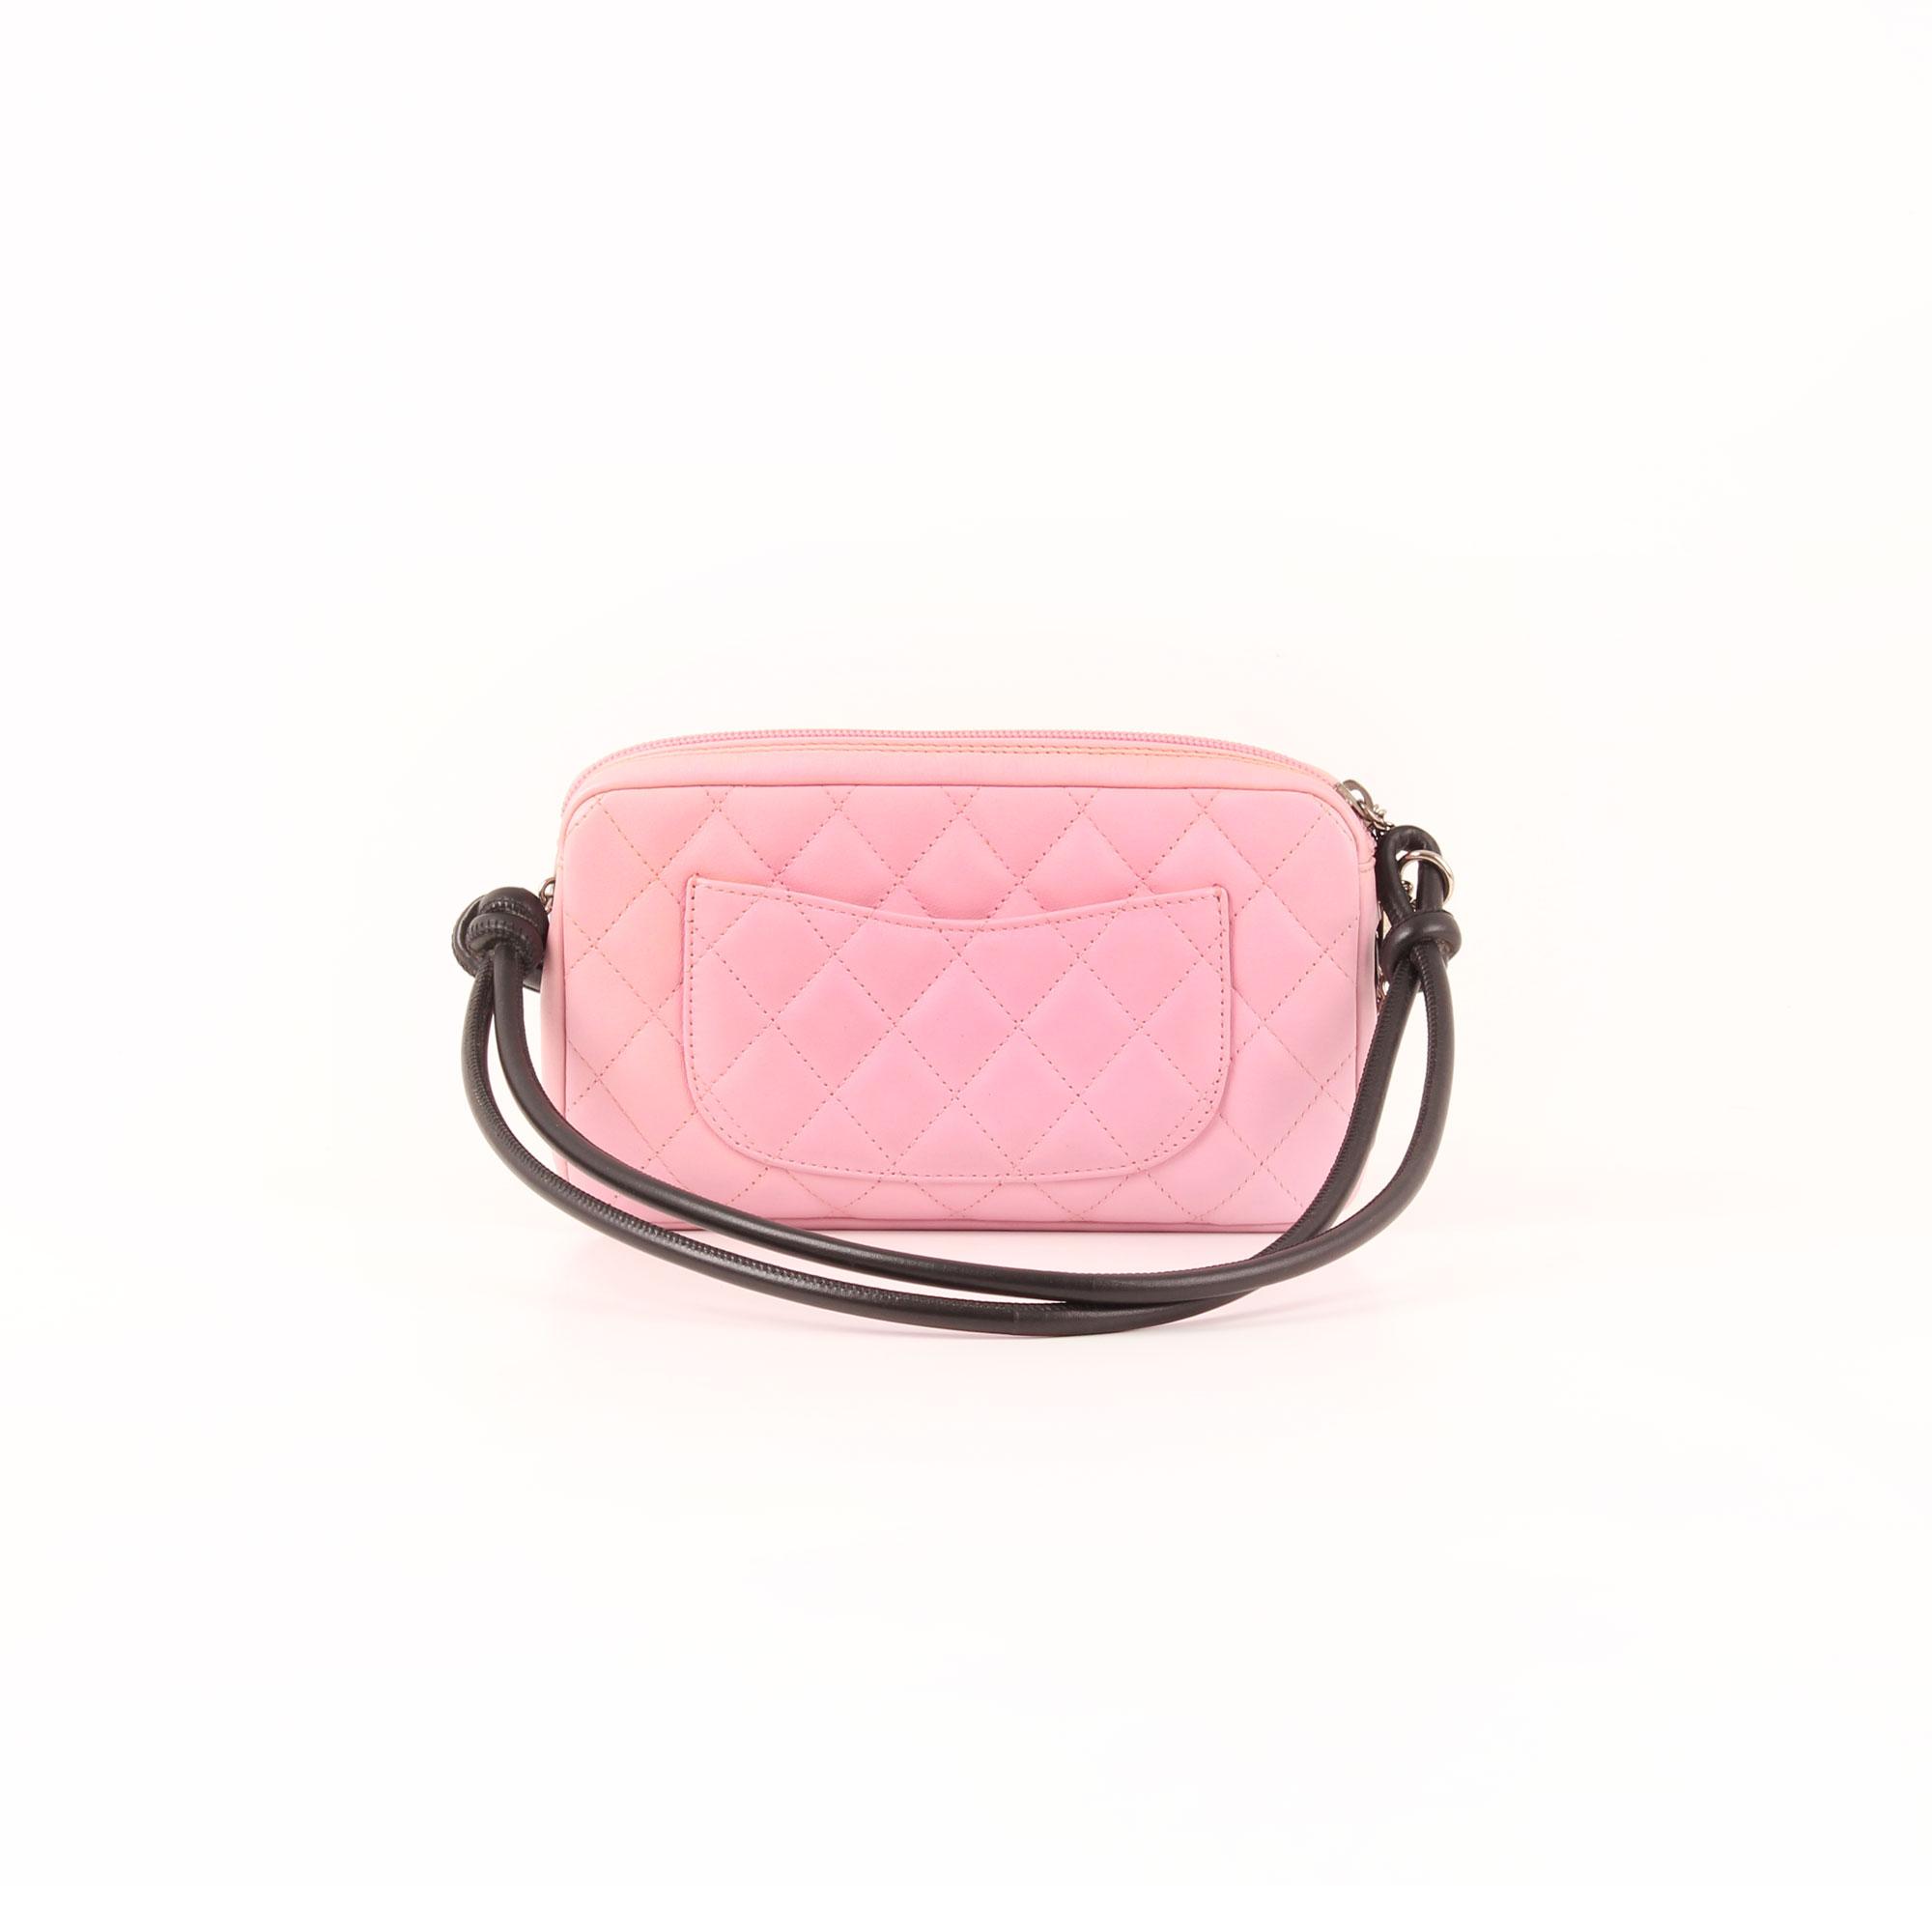 0a625f55ddfd Imagen del bolso chanel cambon quilted pochette rosa